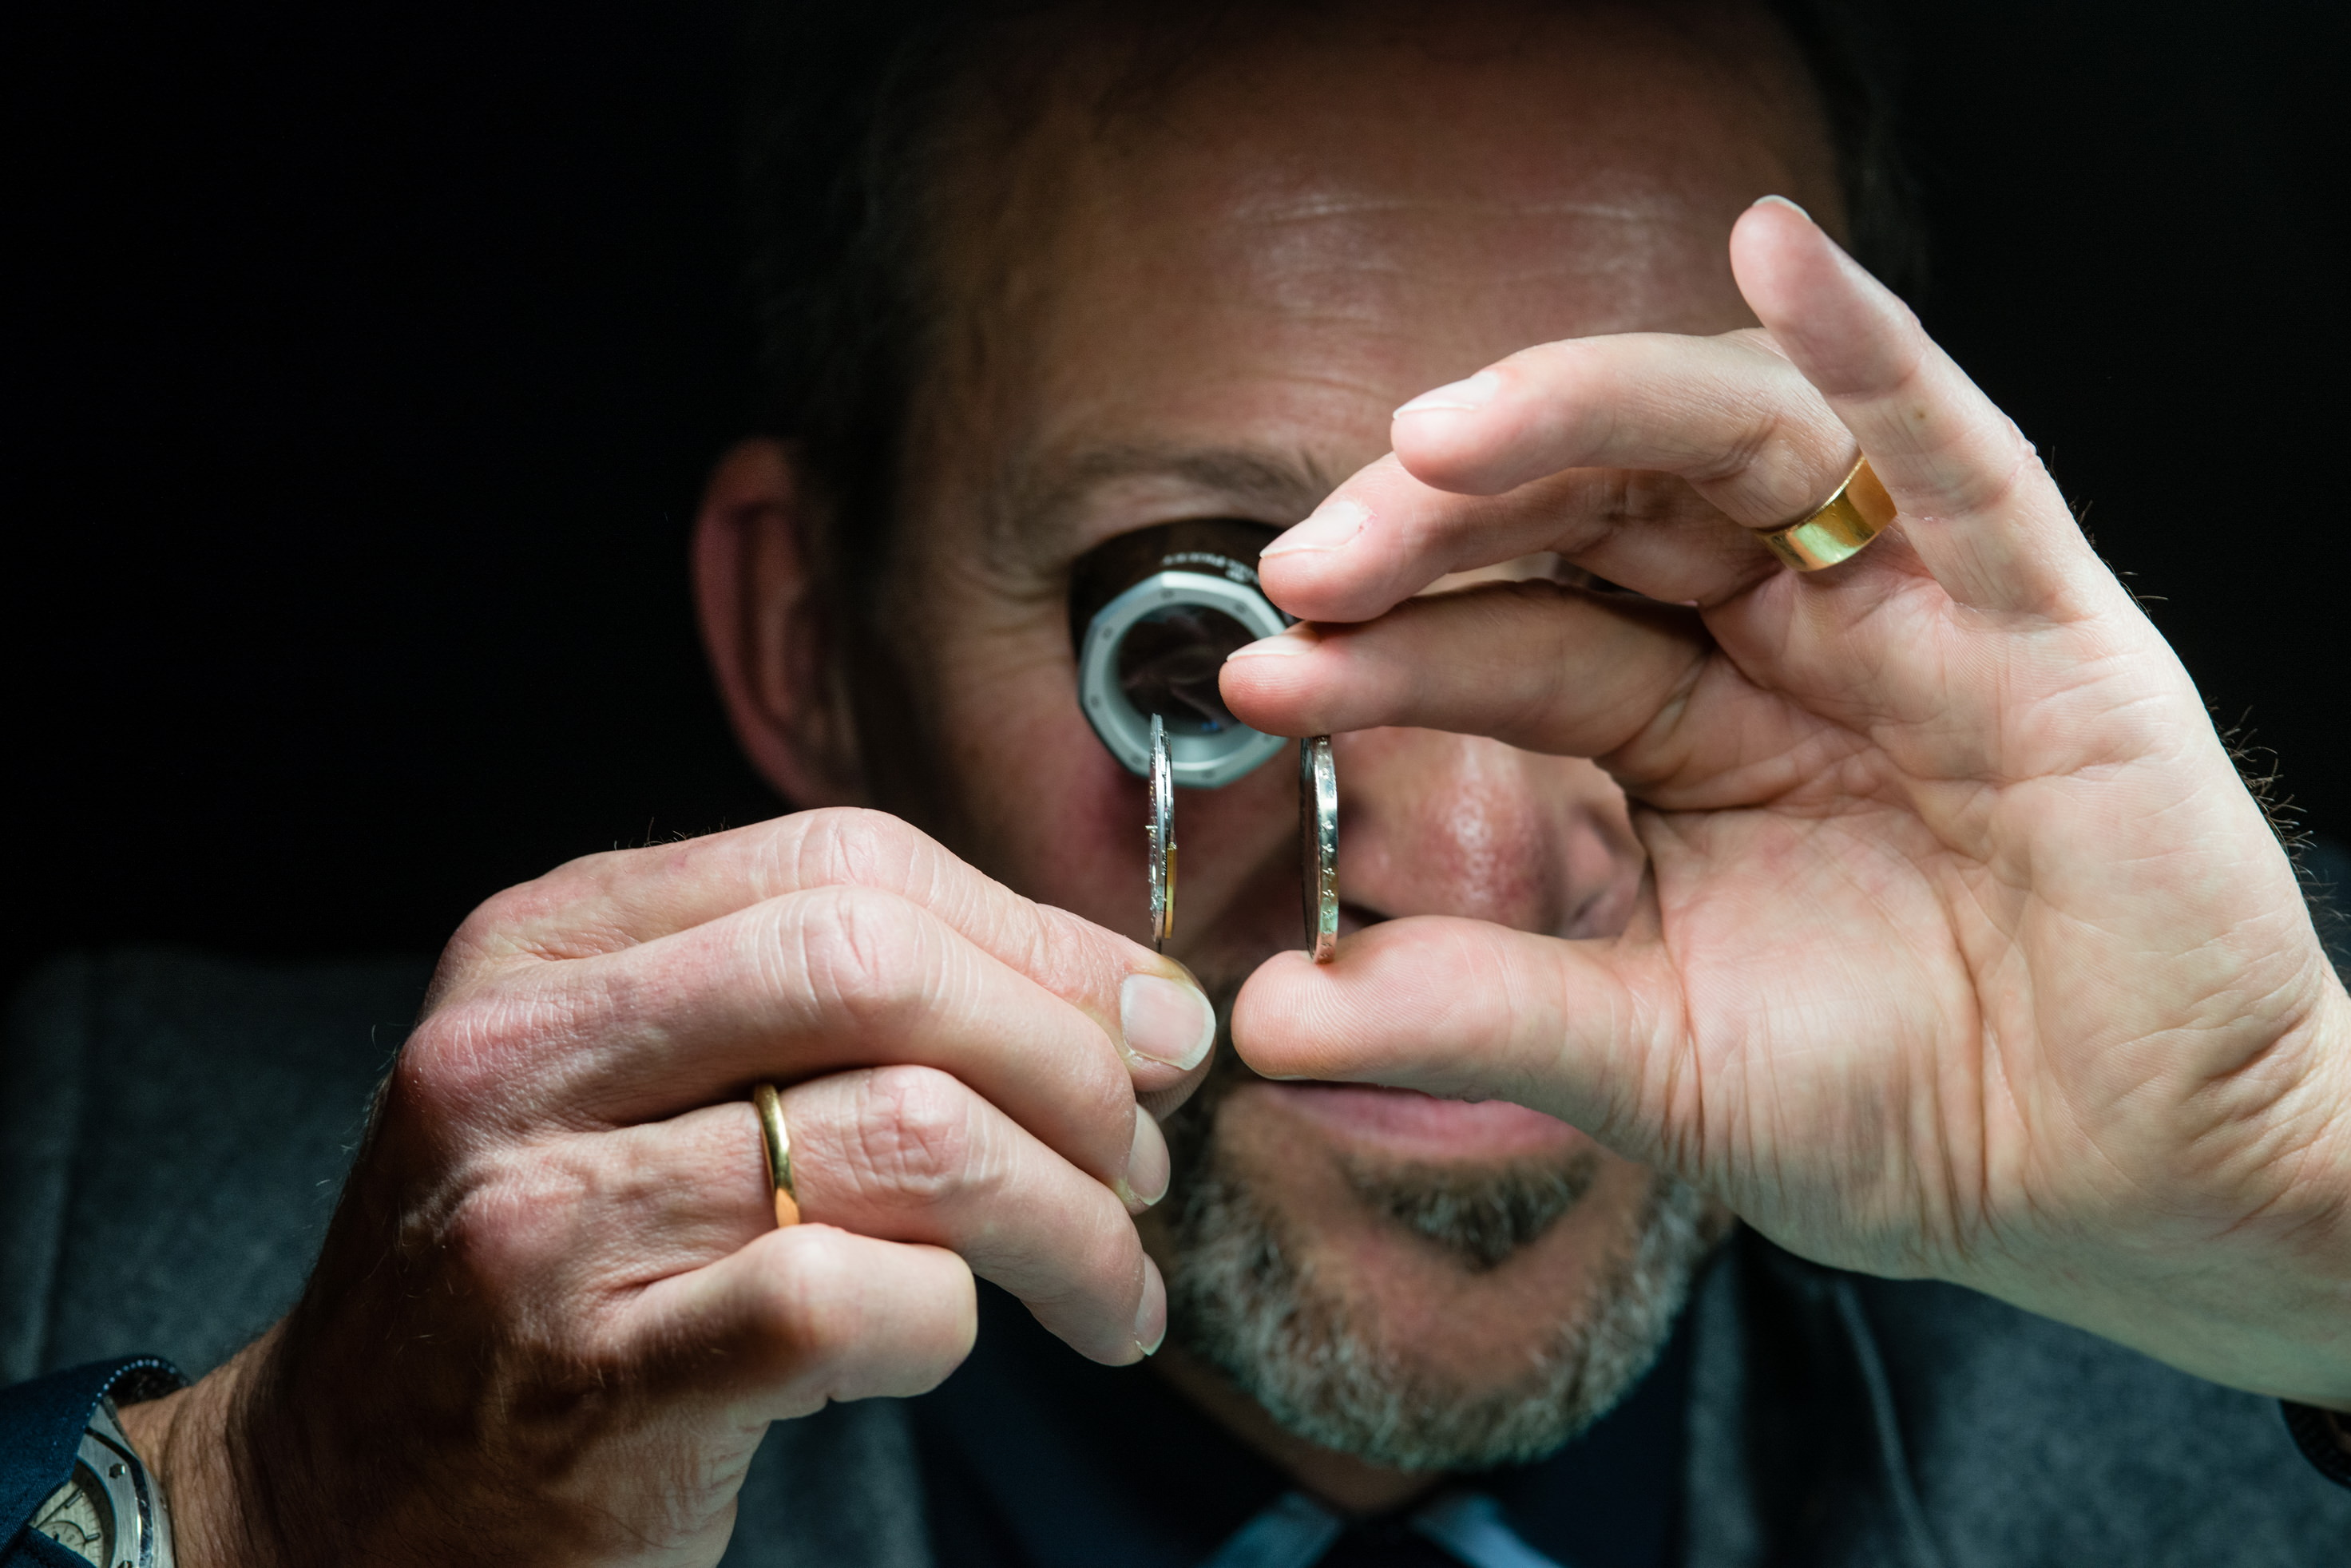 Exklusiv im Gespräch mit Watchlounge.com: Christoph Guhl, seit 30 Jahren im Dienst von Audemars Piguet